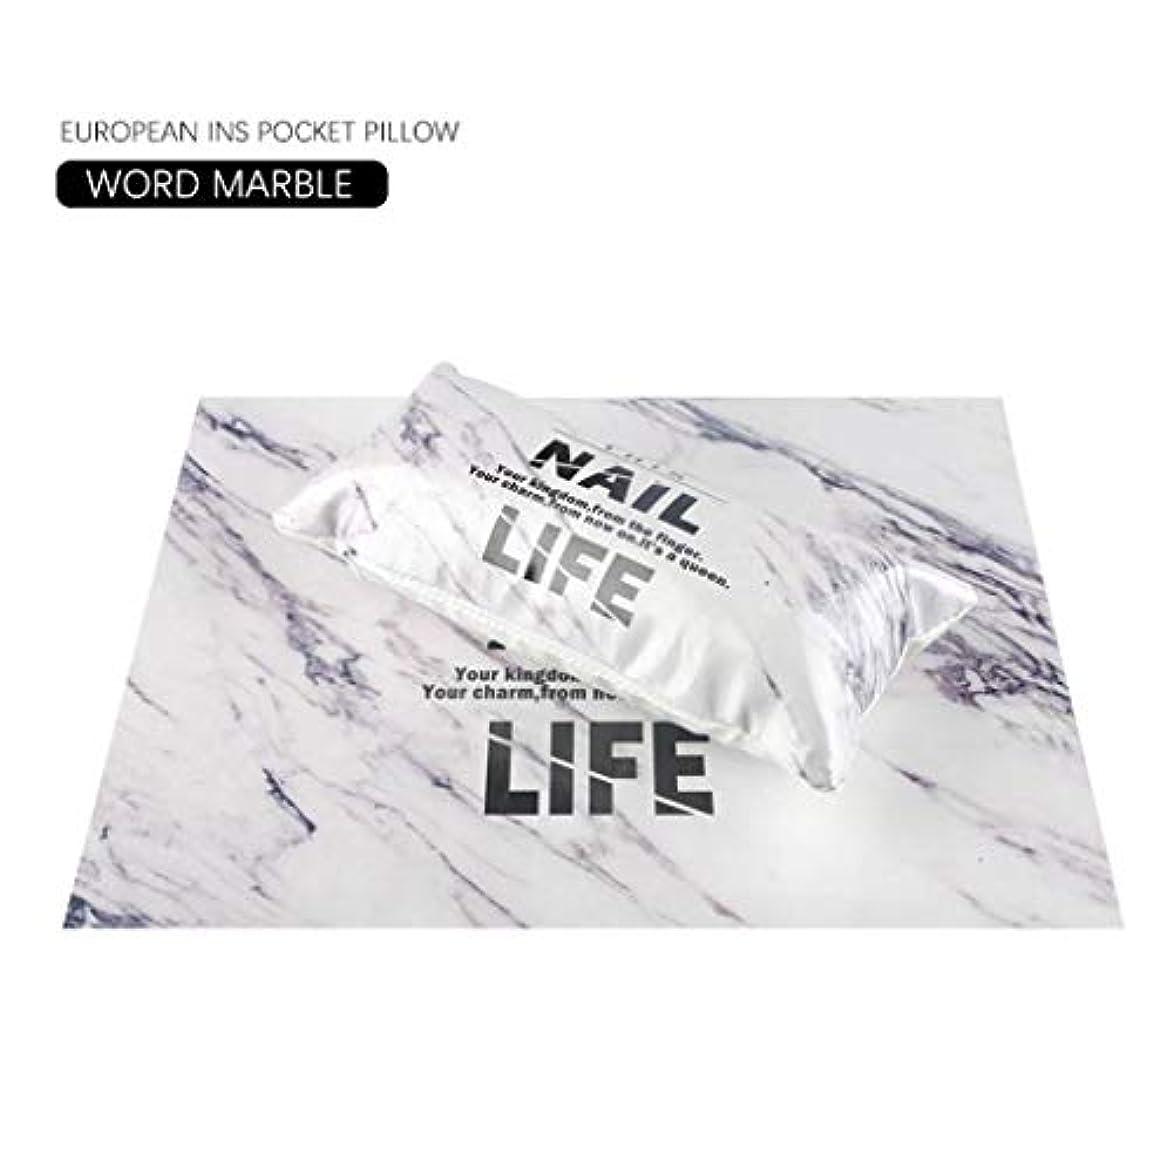 簡単にモルヒネ広告欧州INS風マニキュアハンド枕ネイルセット手首枕スポンジ (大理石)